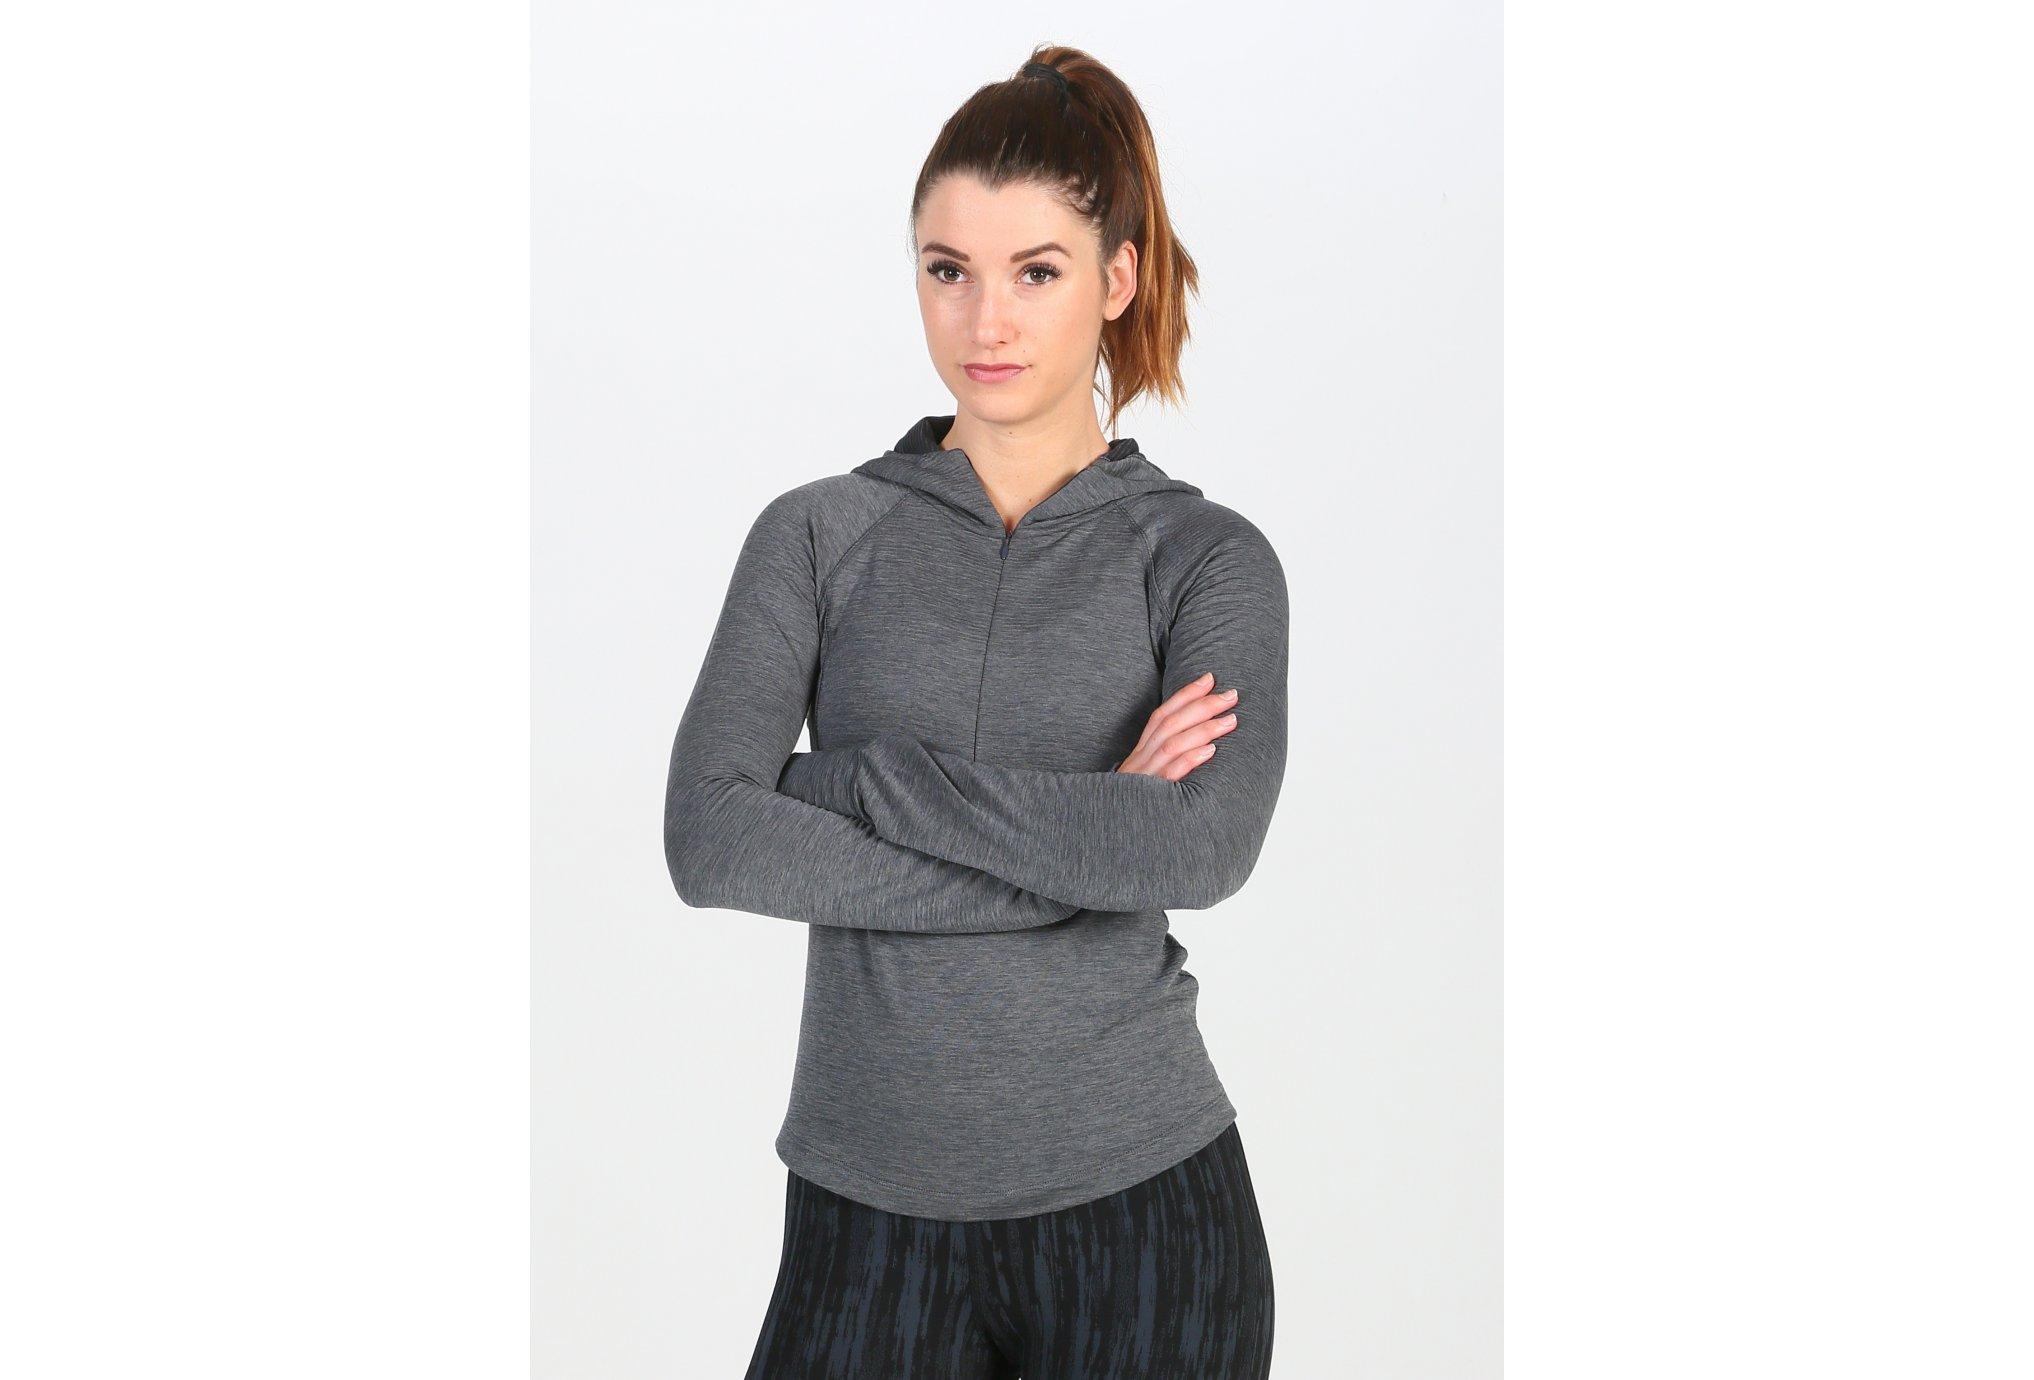 Brooks Notch Thermal W Diététique Vêtements femme